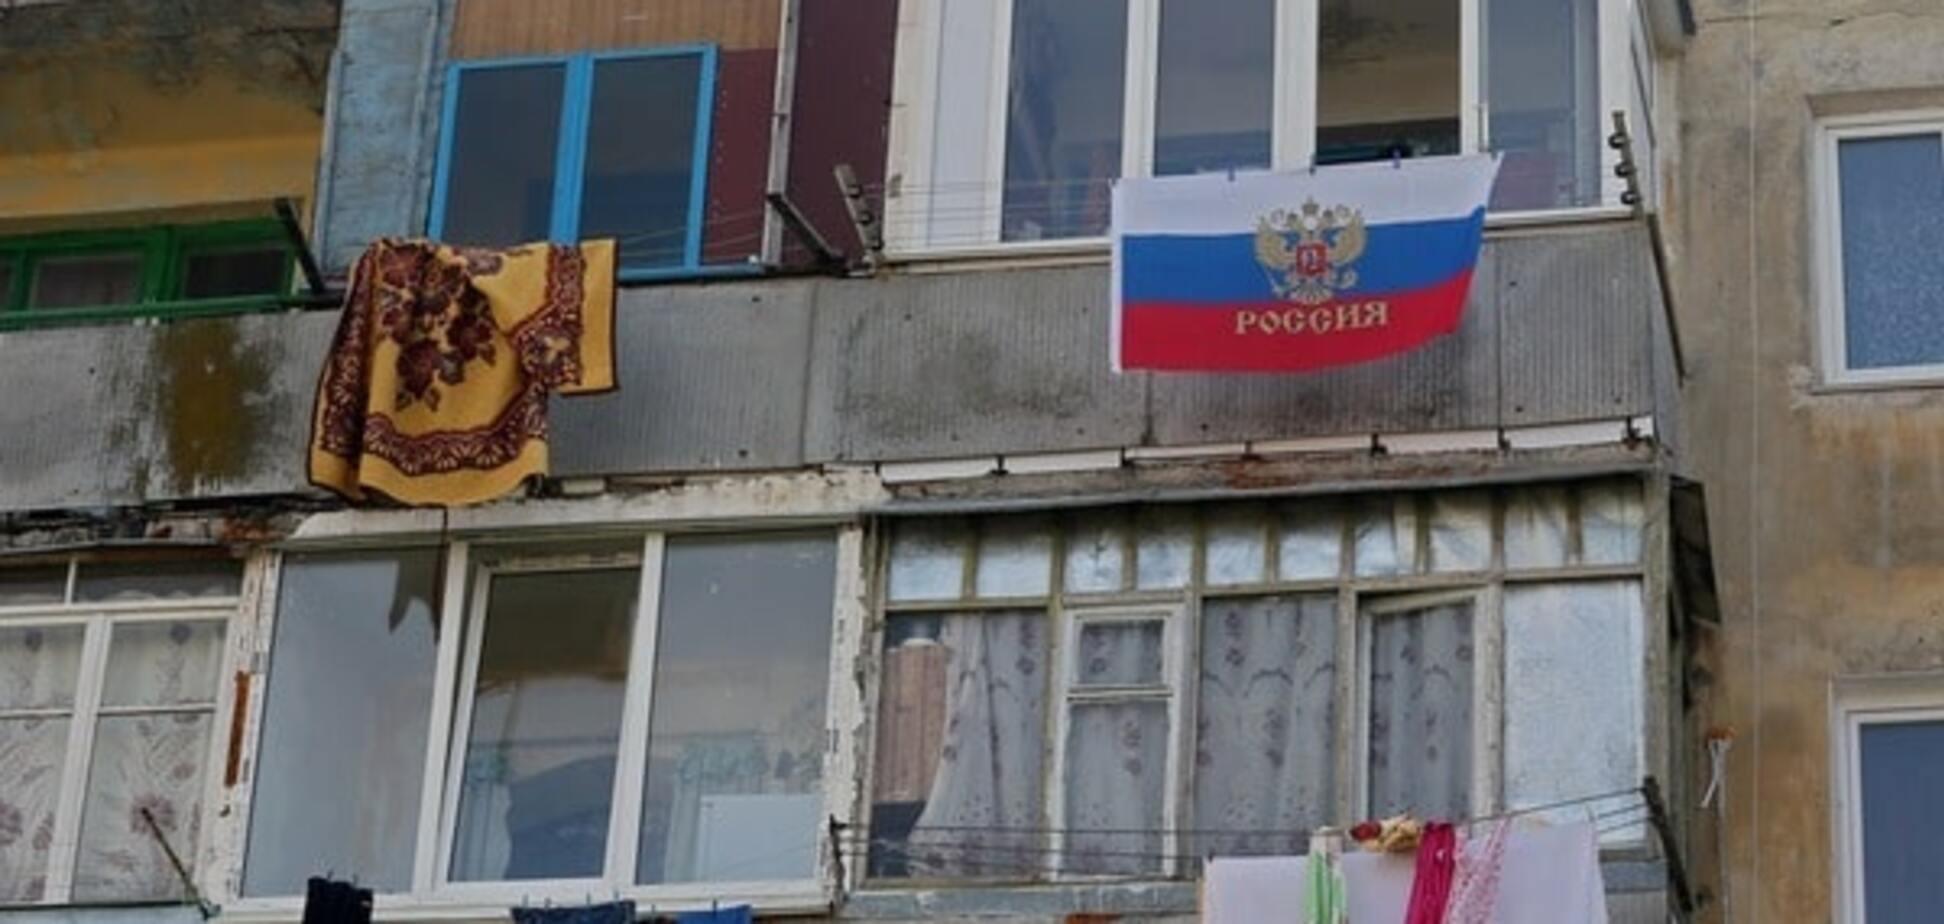 Окупанти в Криму почали зачистку небажаних ЗМІ - журналіст